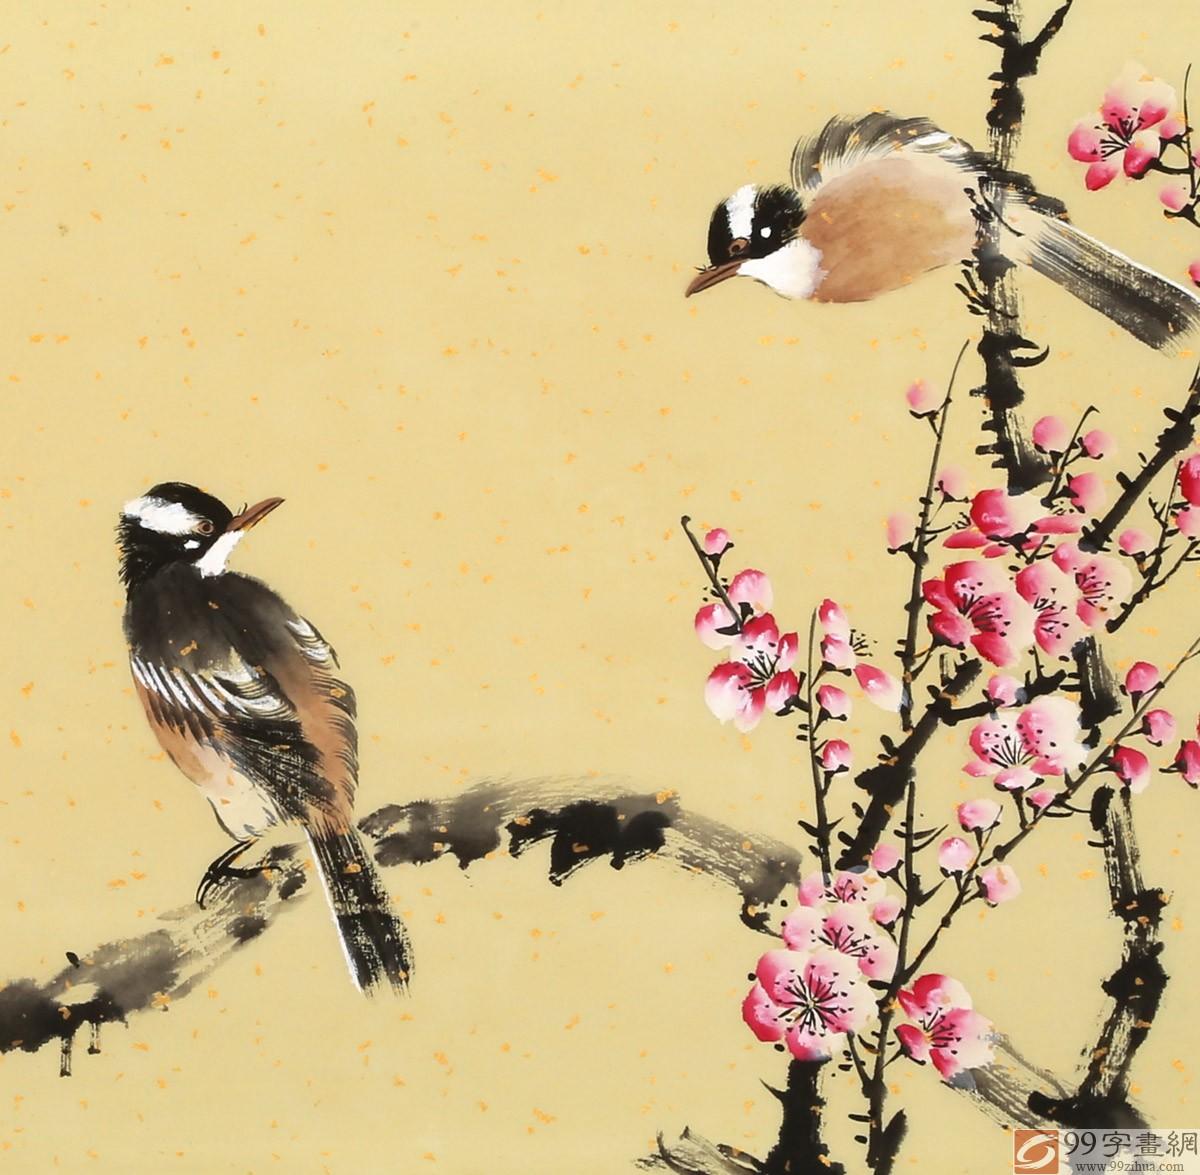 【已售】皇甫小喜 四尺斗方《喜梅闹春》 河南著名花鸟画家图片